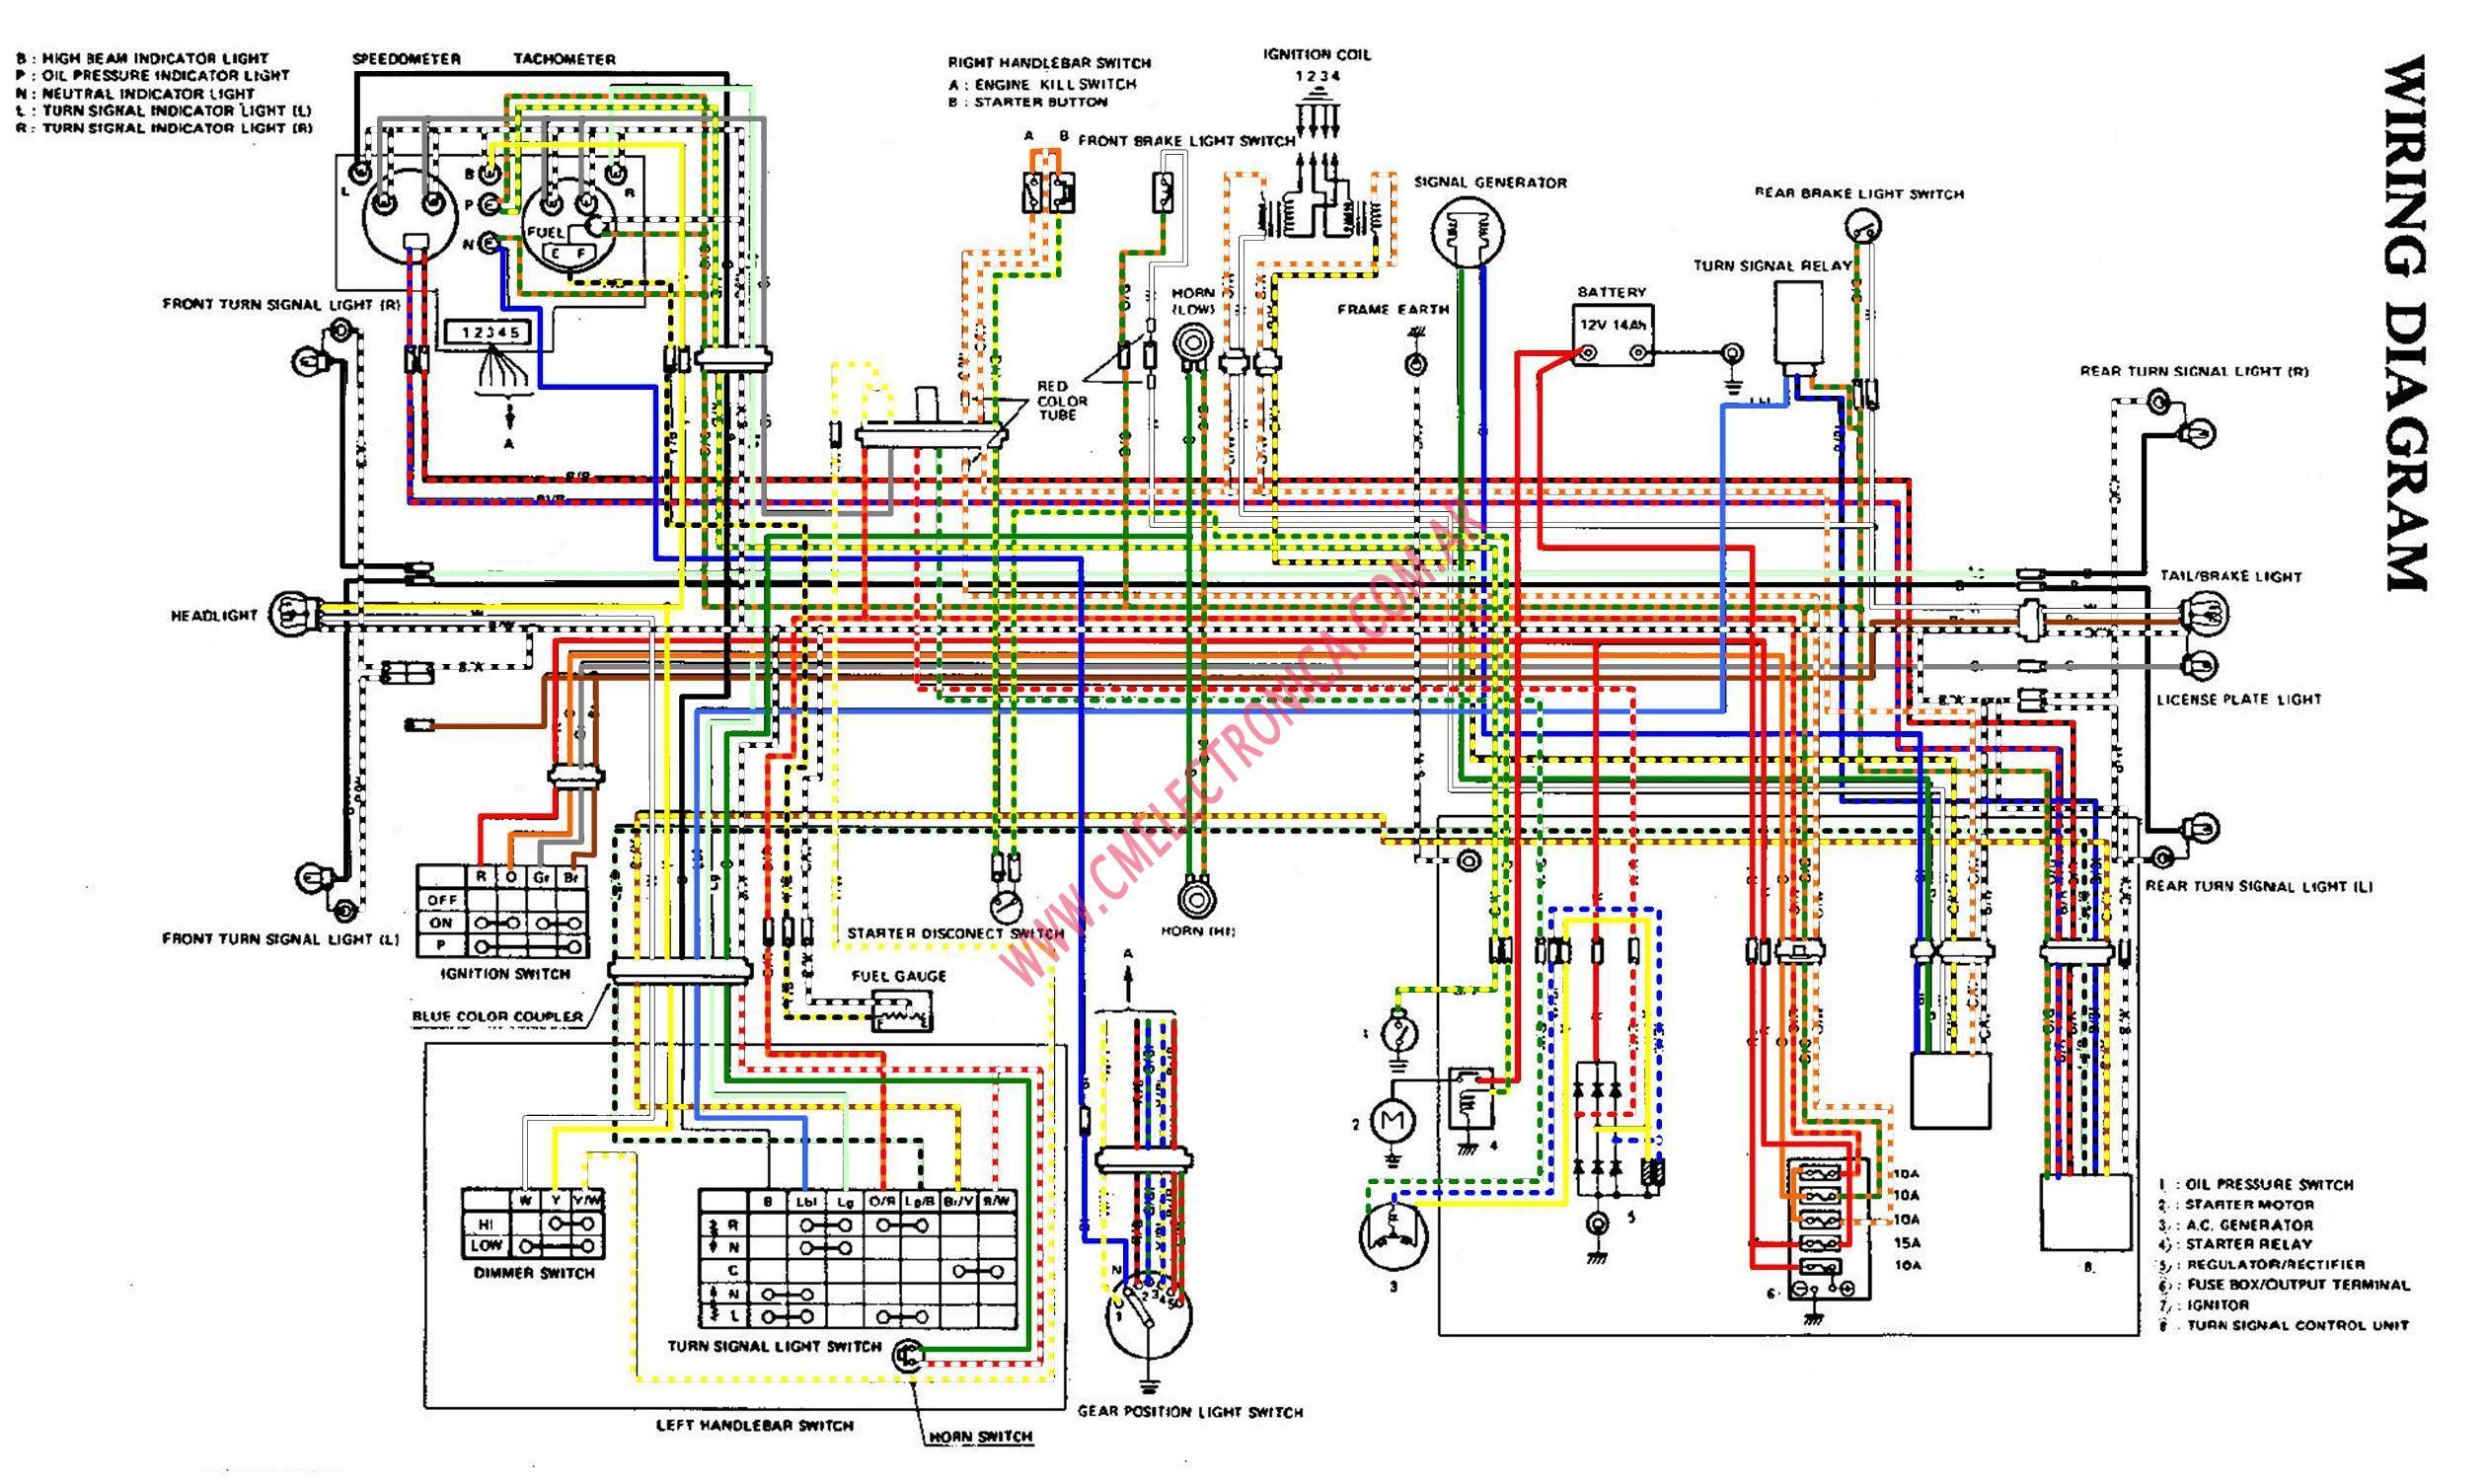 2005 suzuki sv650s schematics schematic diagram rh 65 janpavelka co